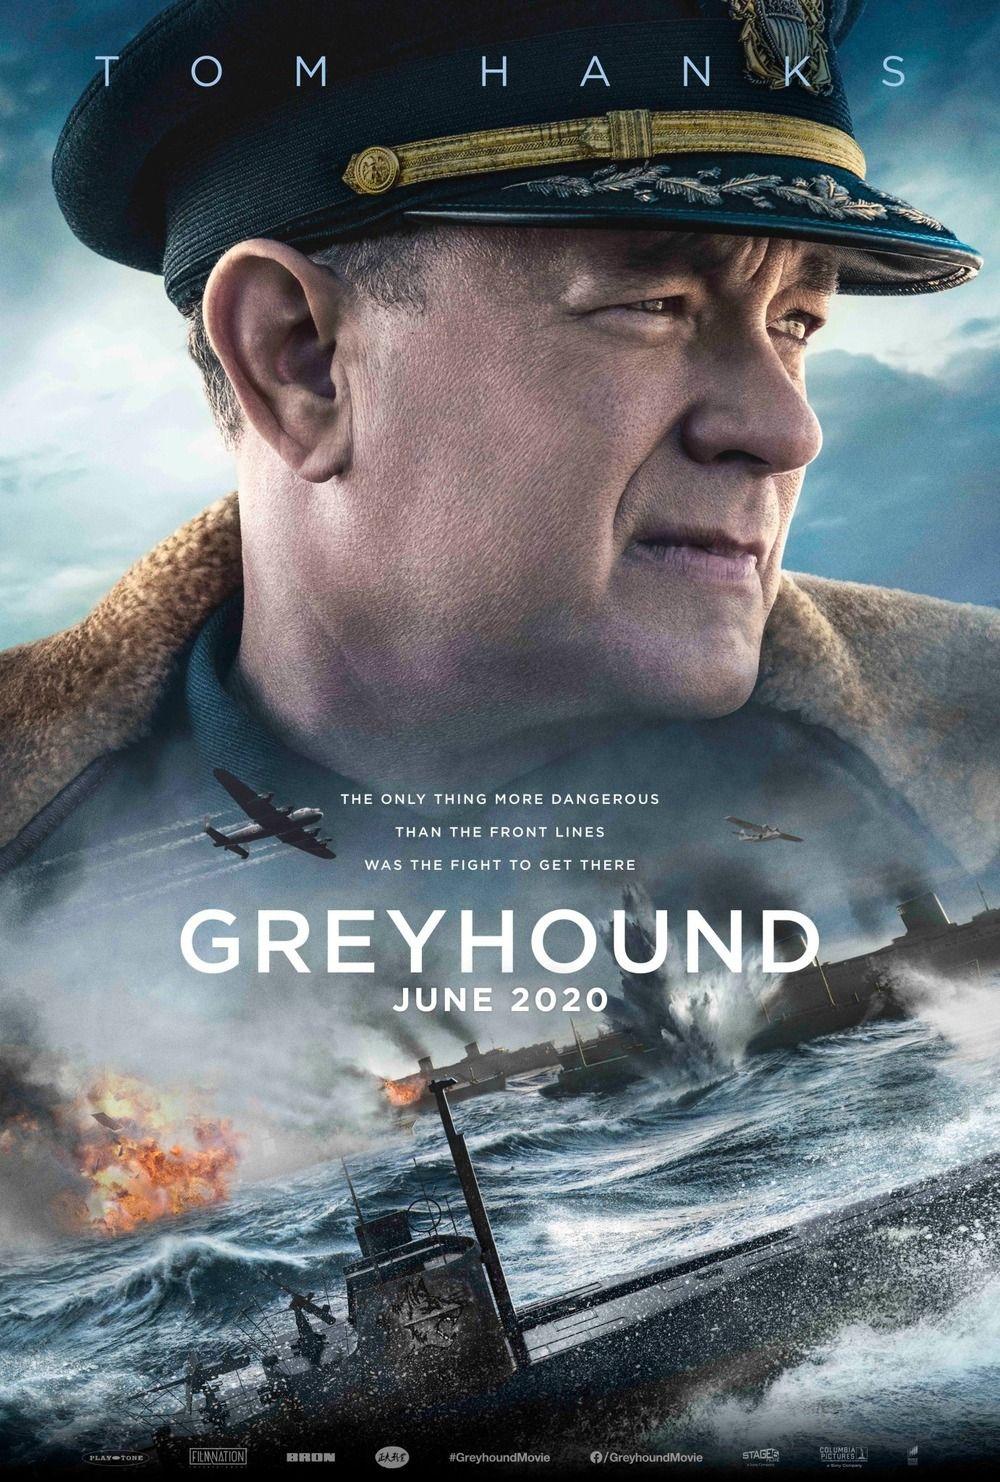 Greyhound in 2020 Greyhound, Tom hanks, Movies